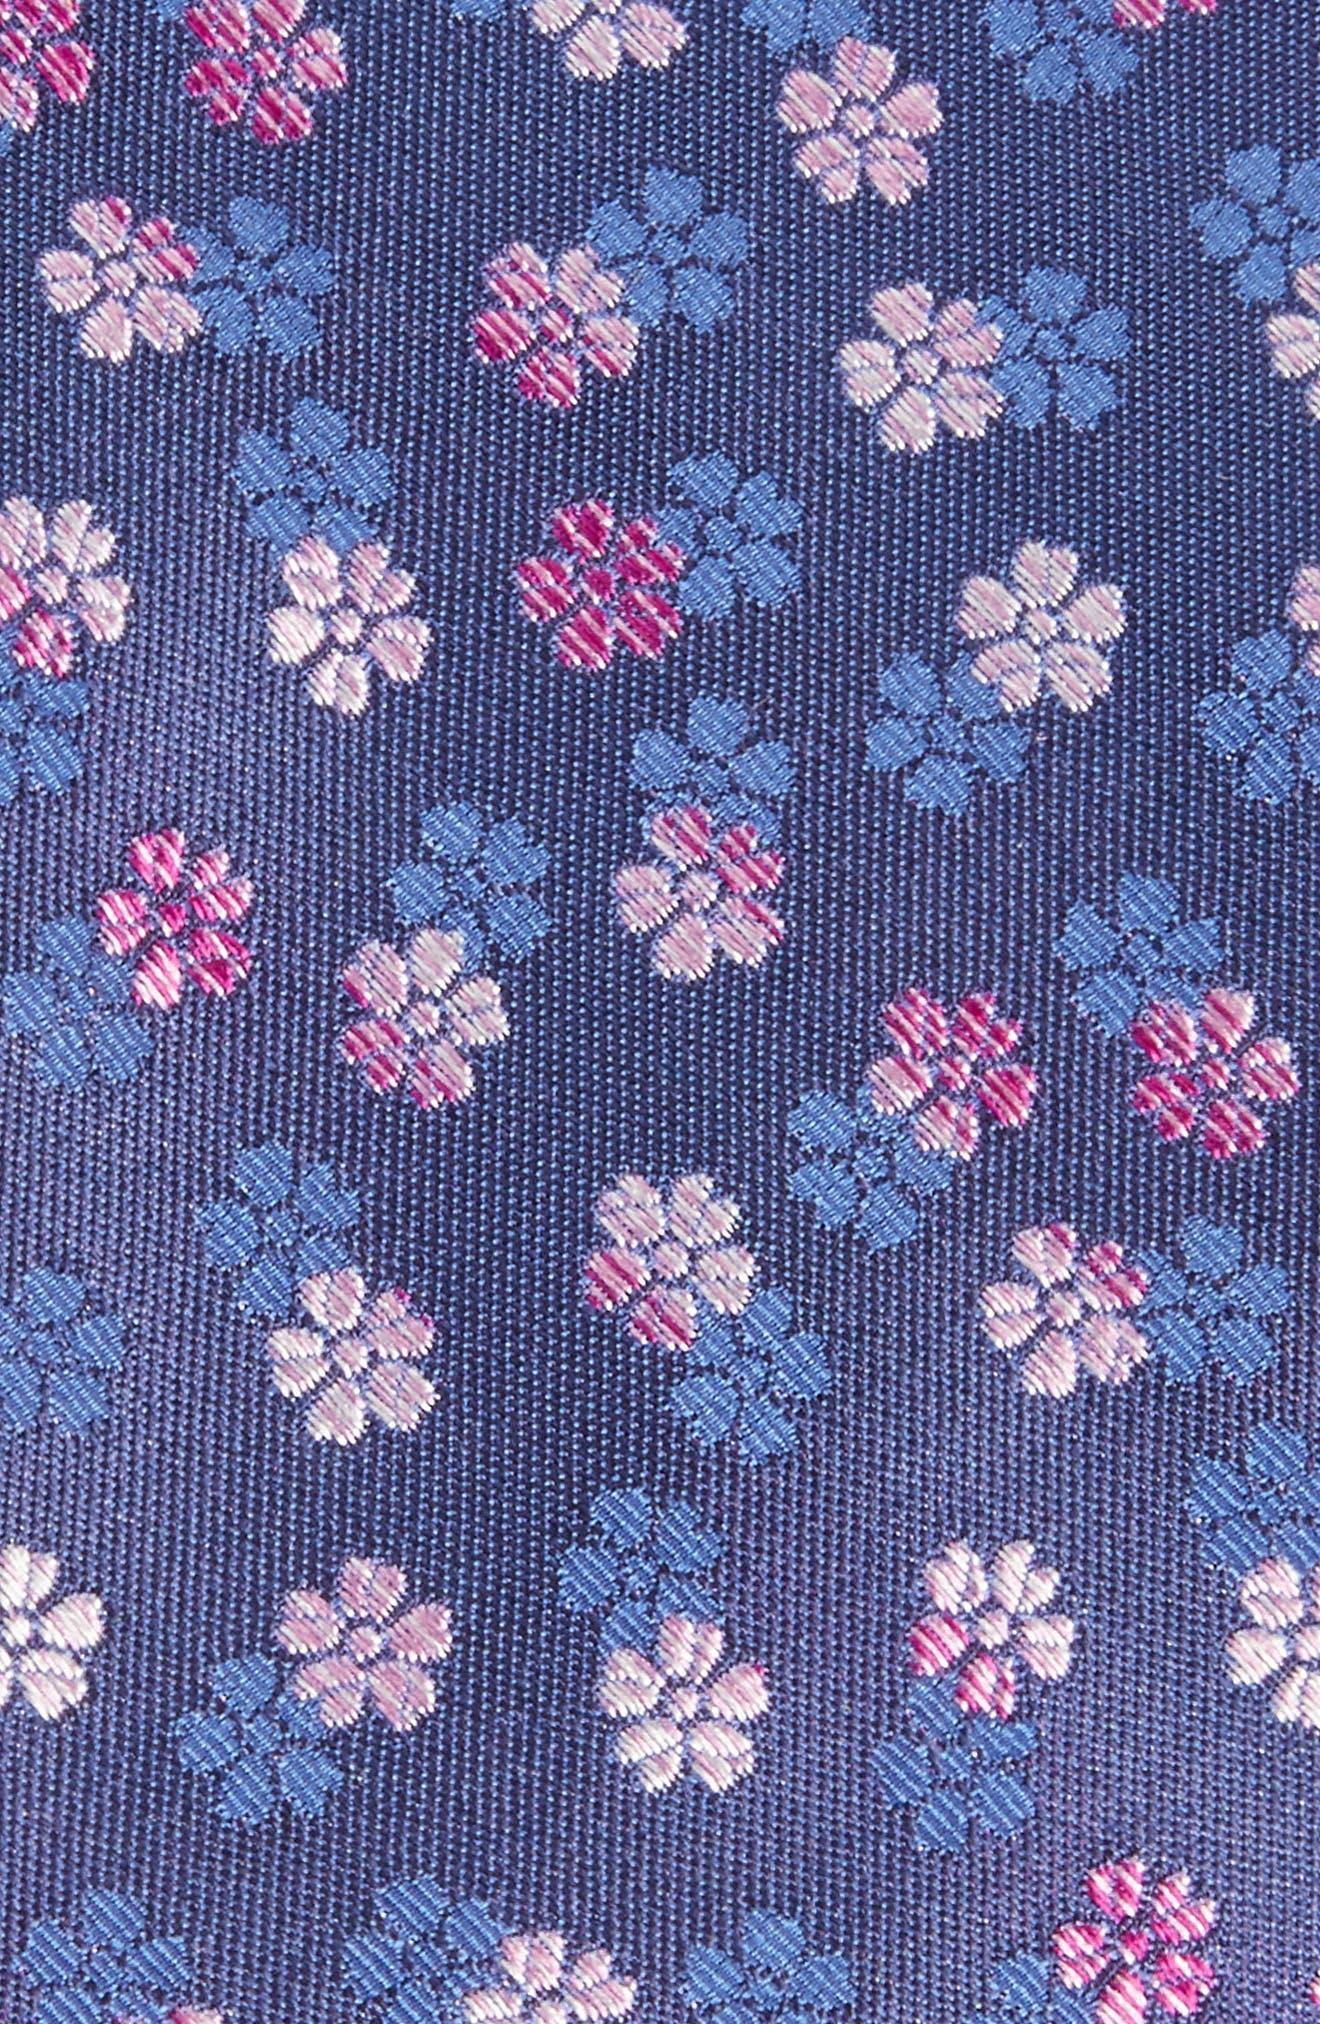 Ombré Floral Silk Tie,                             Alternate thumbnail 2, color,                             400